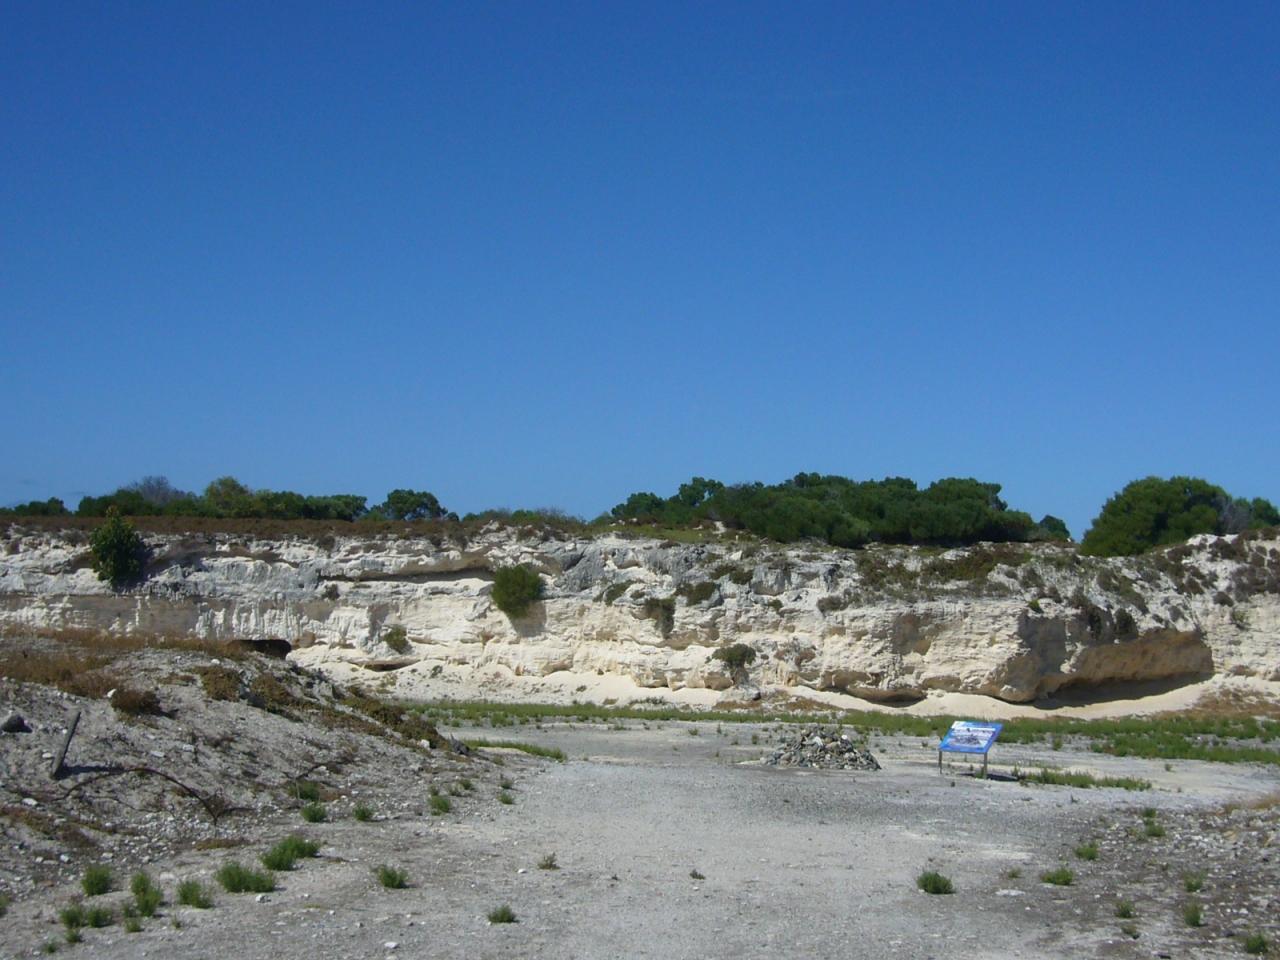 ロベン島の画像 p1_38